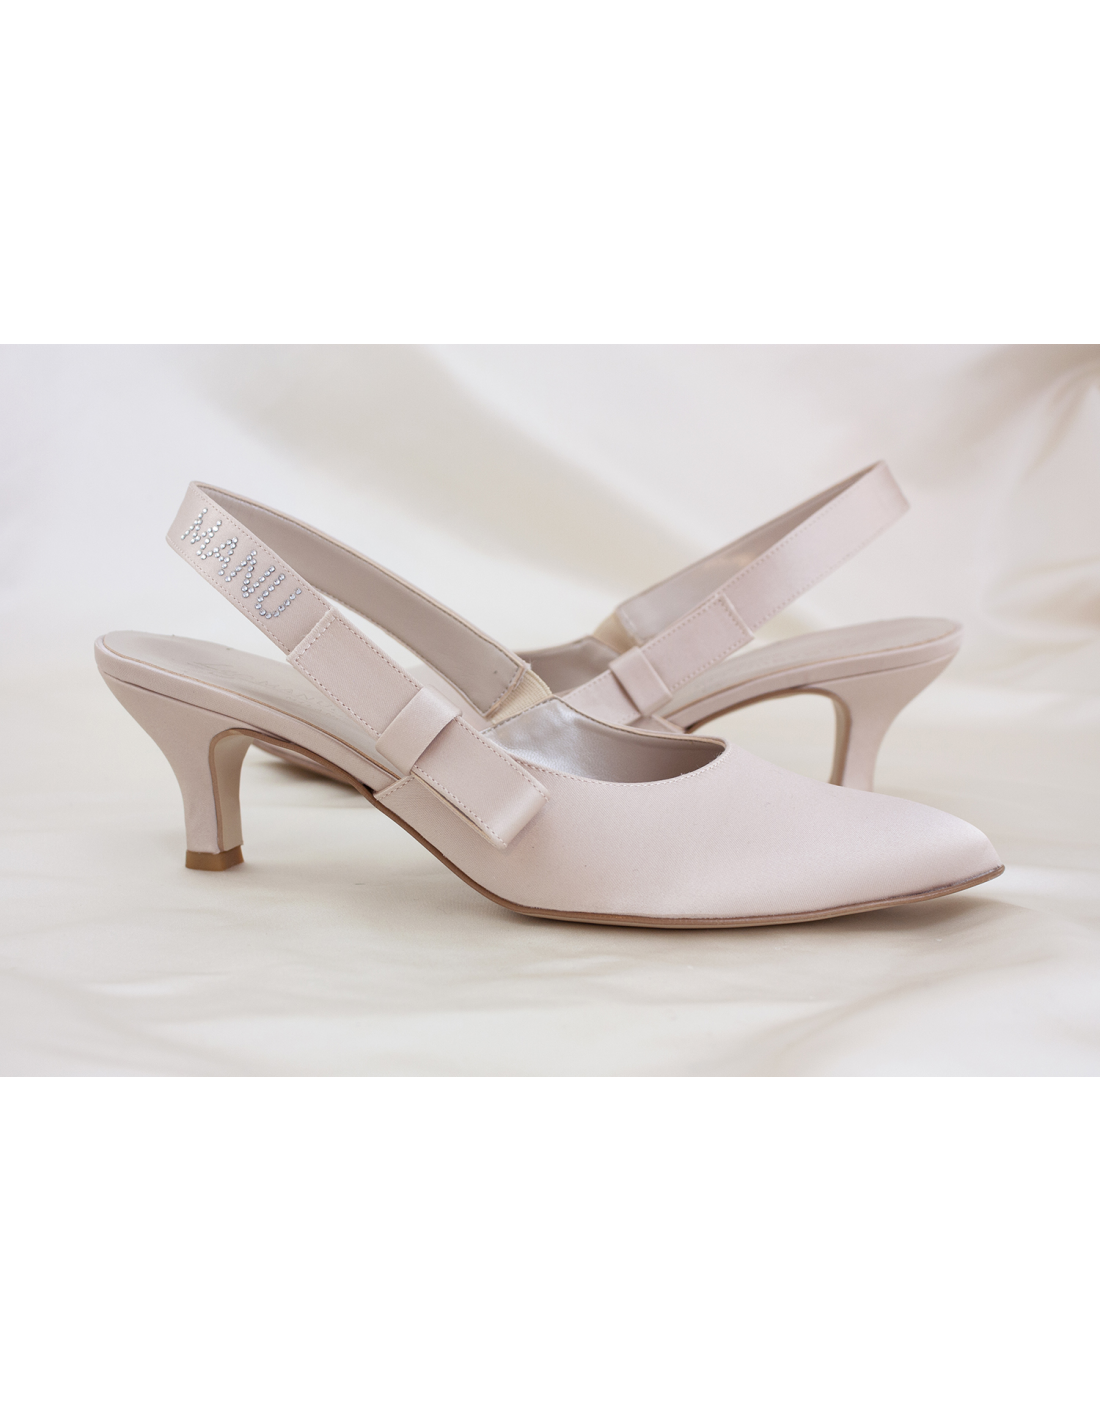 Scarpe Modello Chanel Sposa.Scarpe Da Sposa Cipria Maidabr Les Manuelles